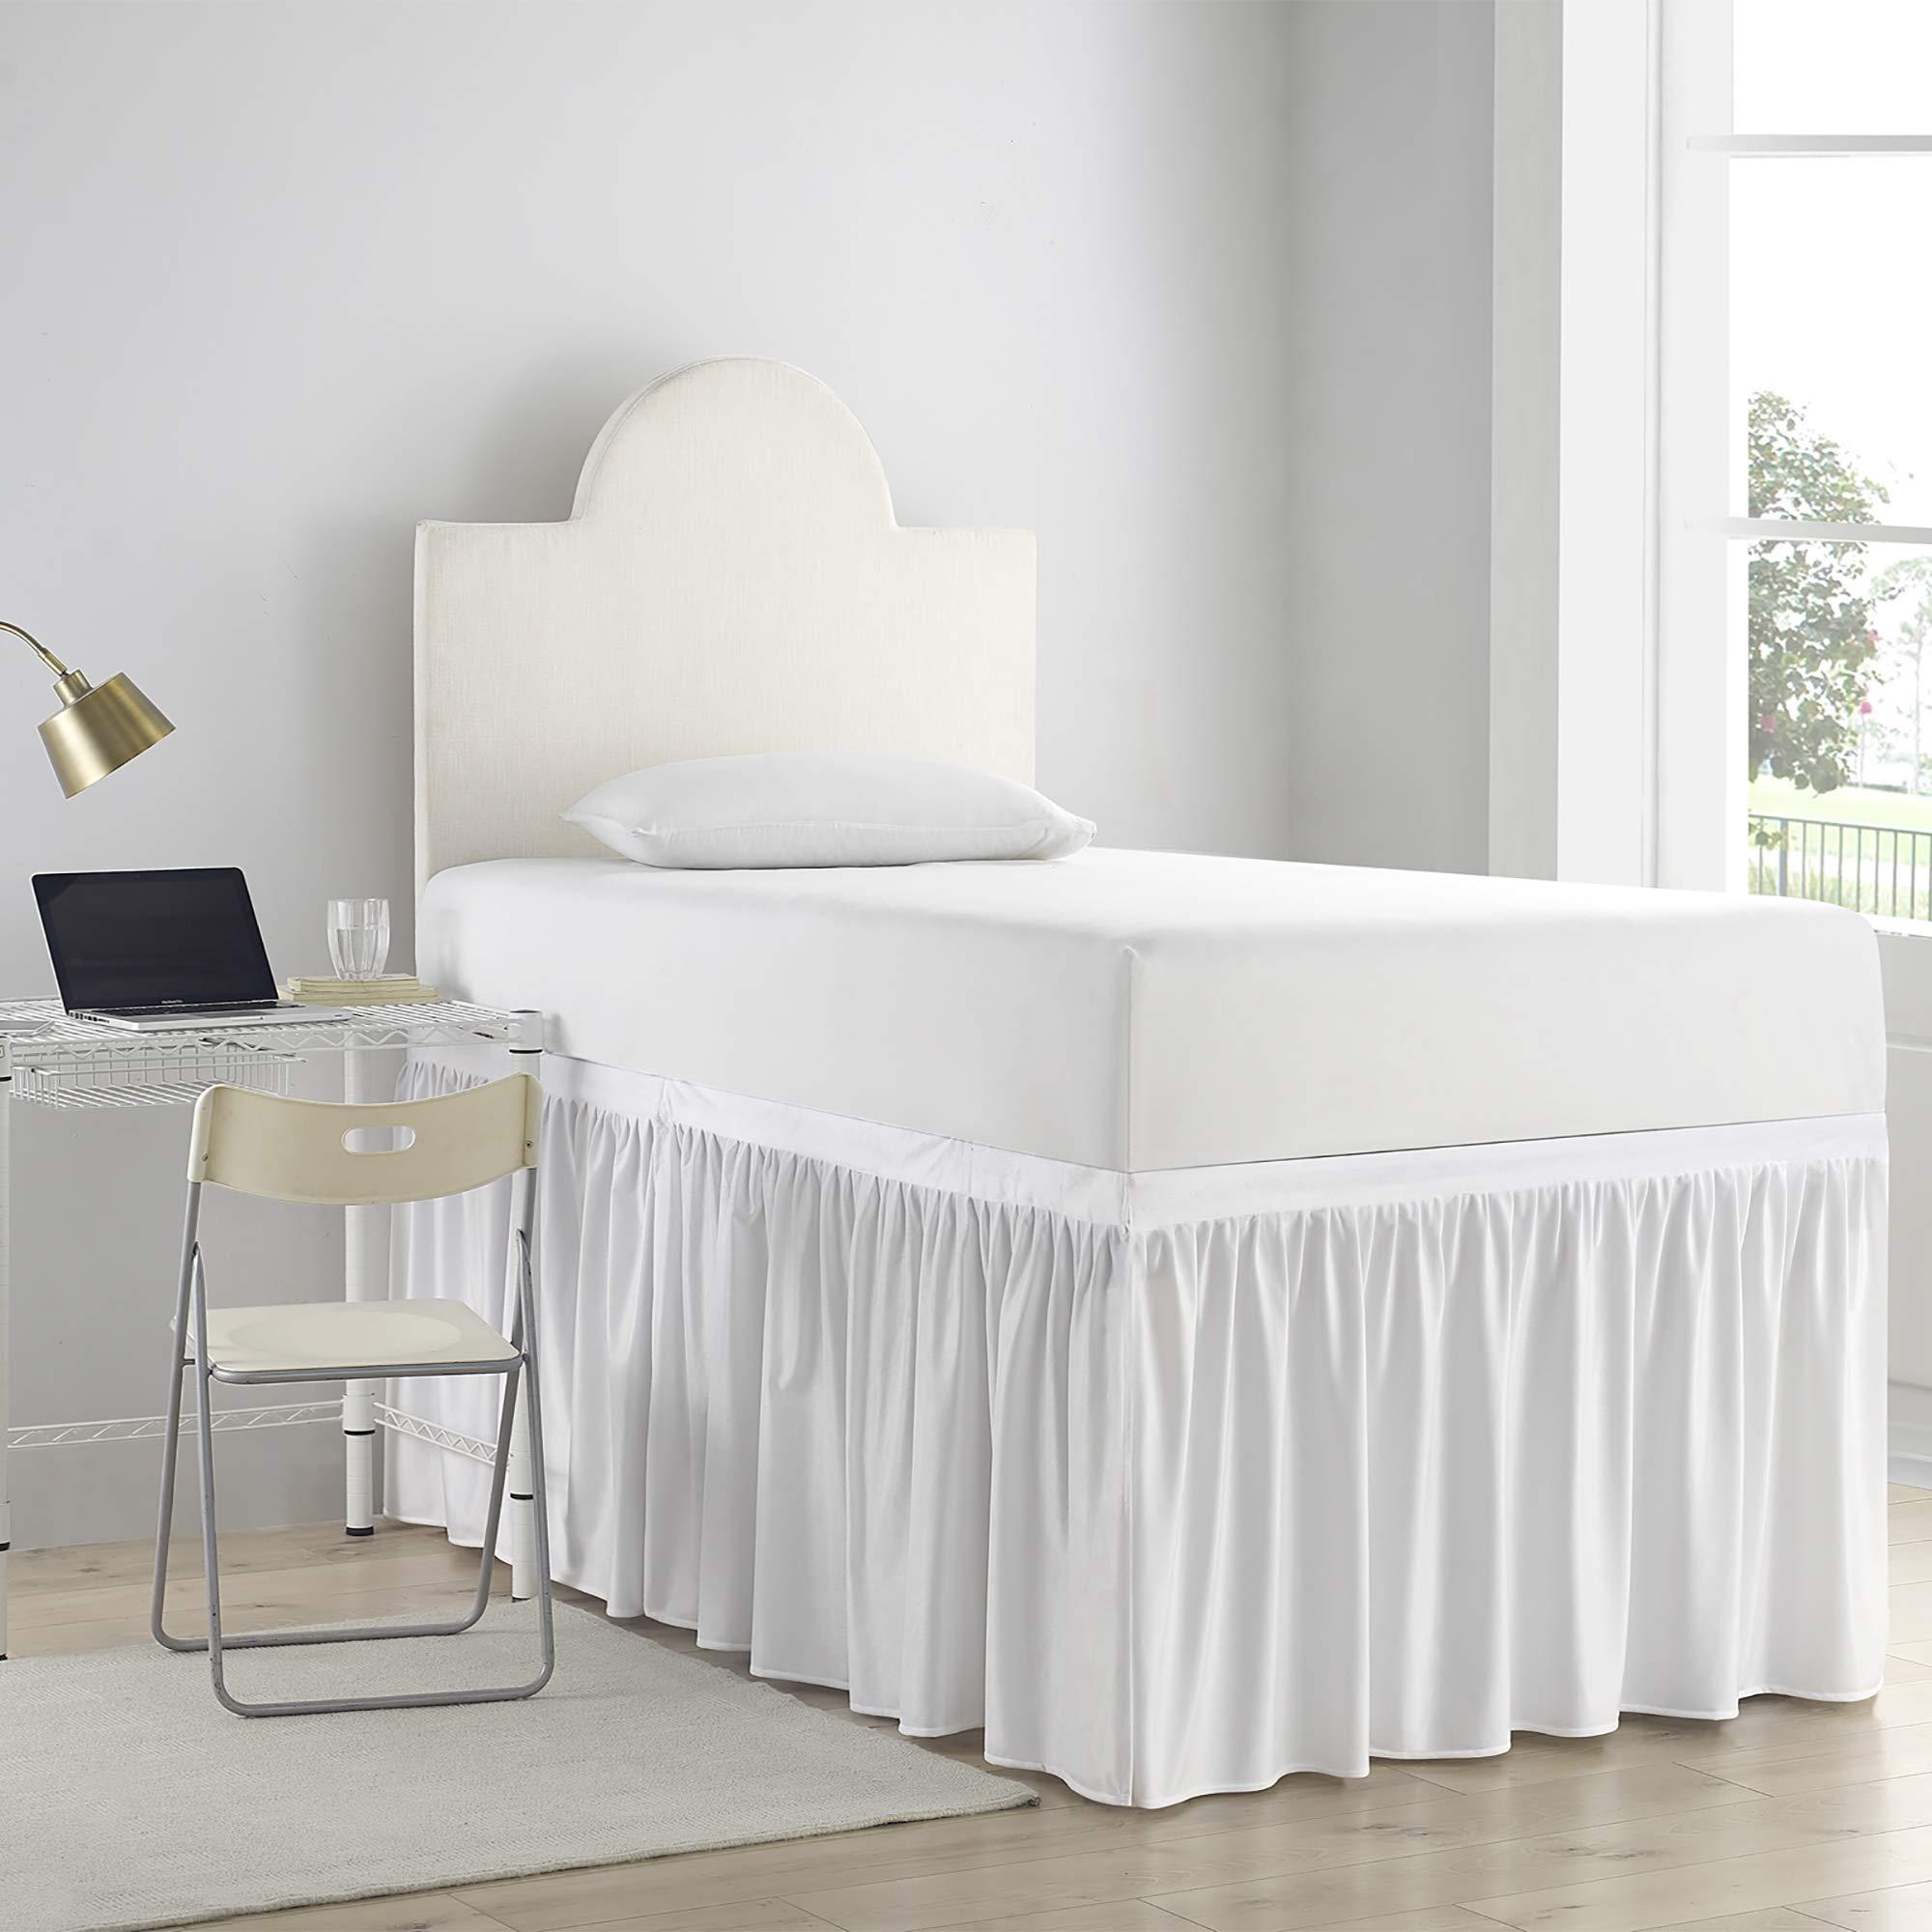 DormCo Bed Skirt Twin XL (3 Panel Set) - White